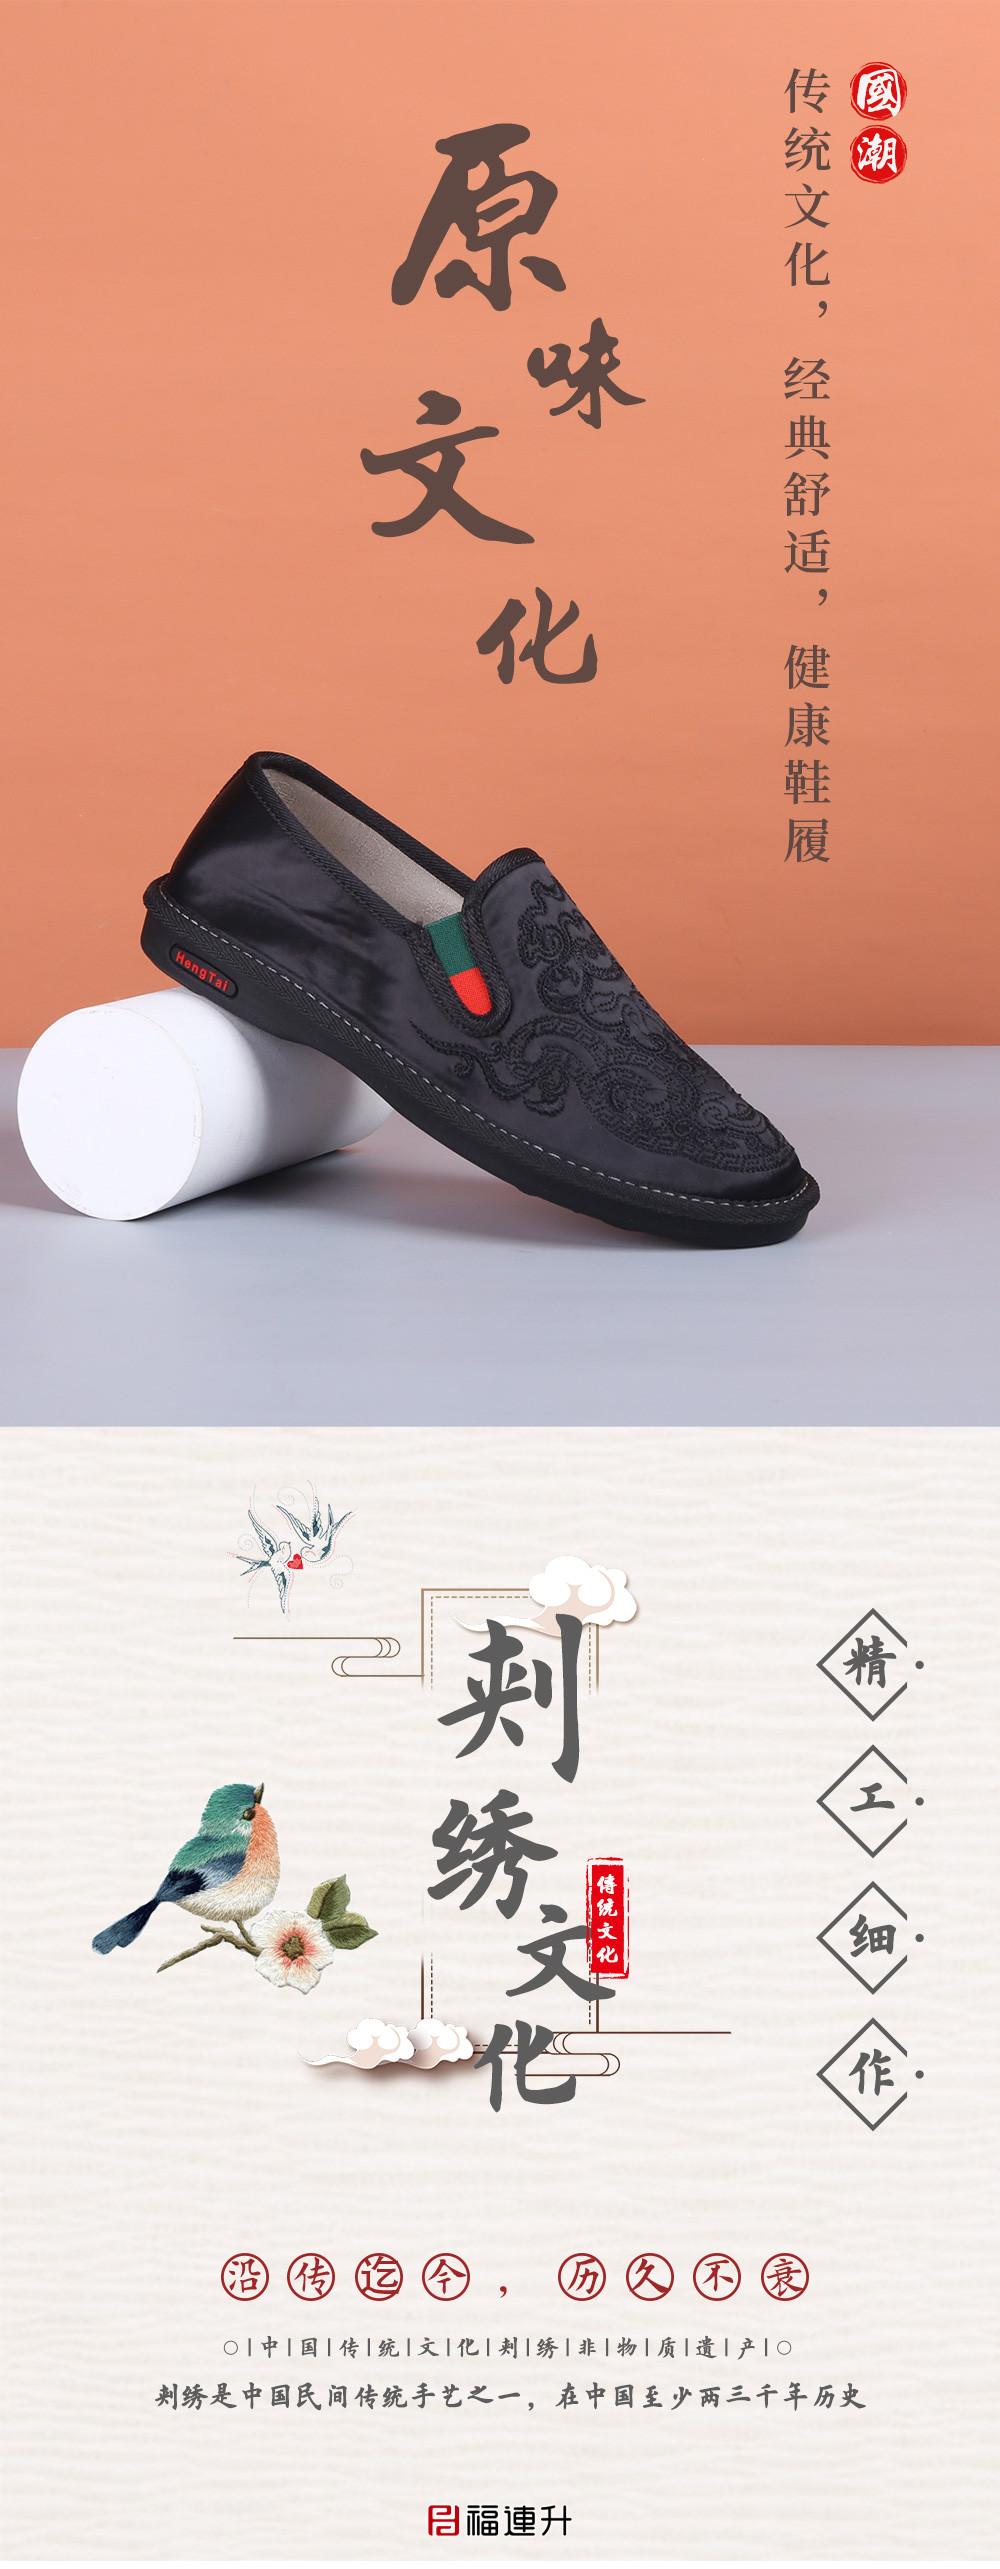 福连升老北京布鞋冲服呢中国风尚棉麻里布轻便男社会鞋图片